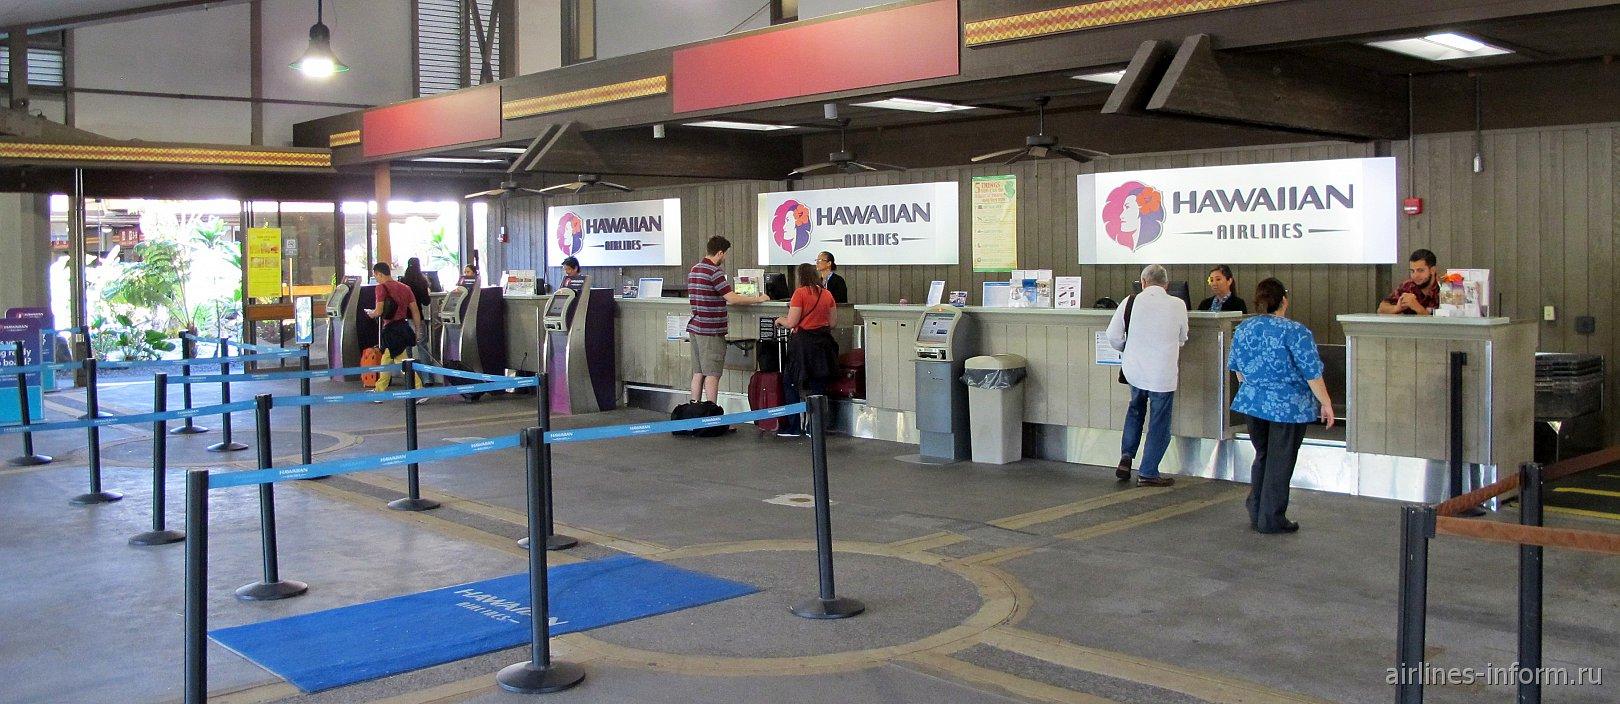 Зона регистрации Гавайских авиалиний в аэропорту Хило